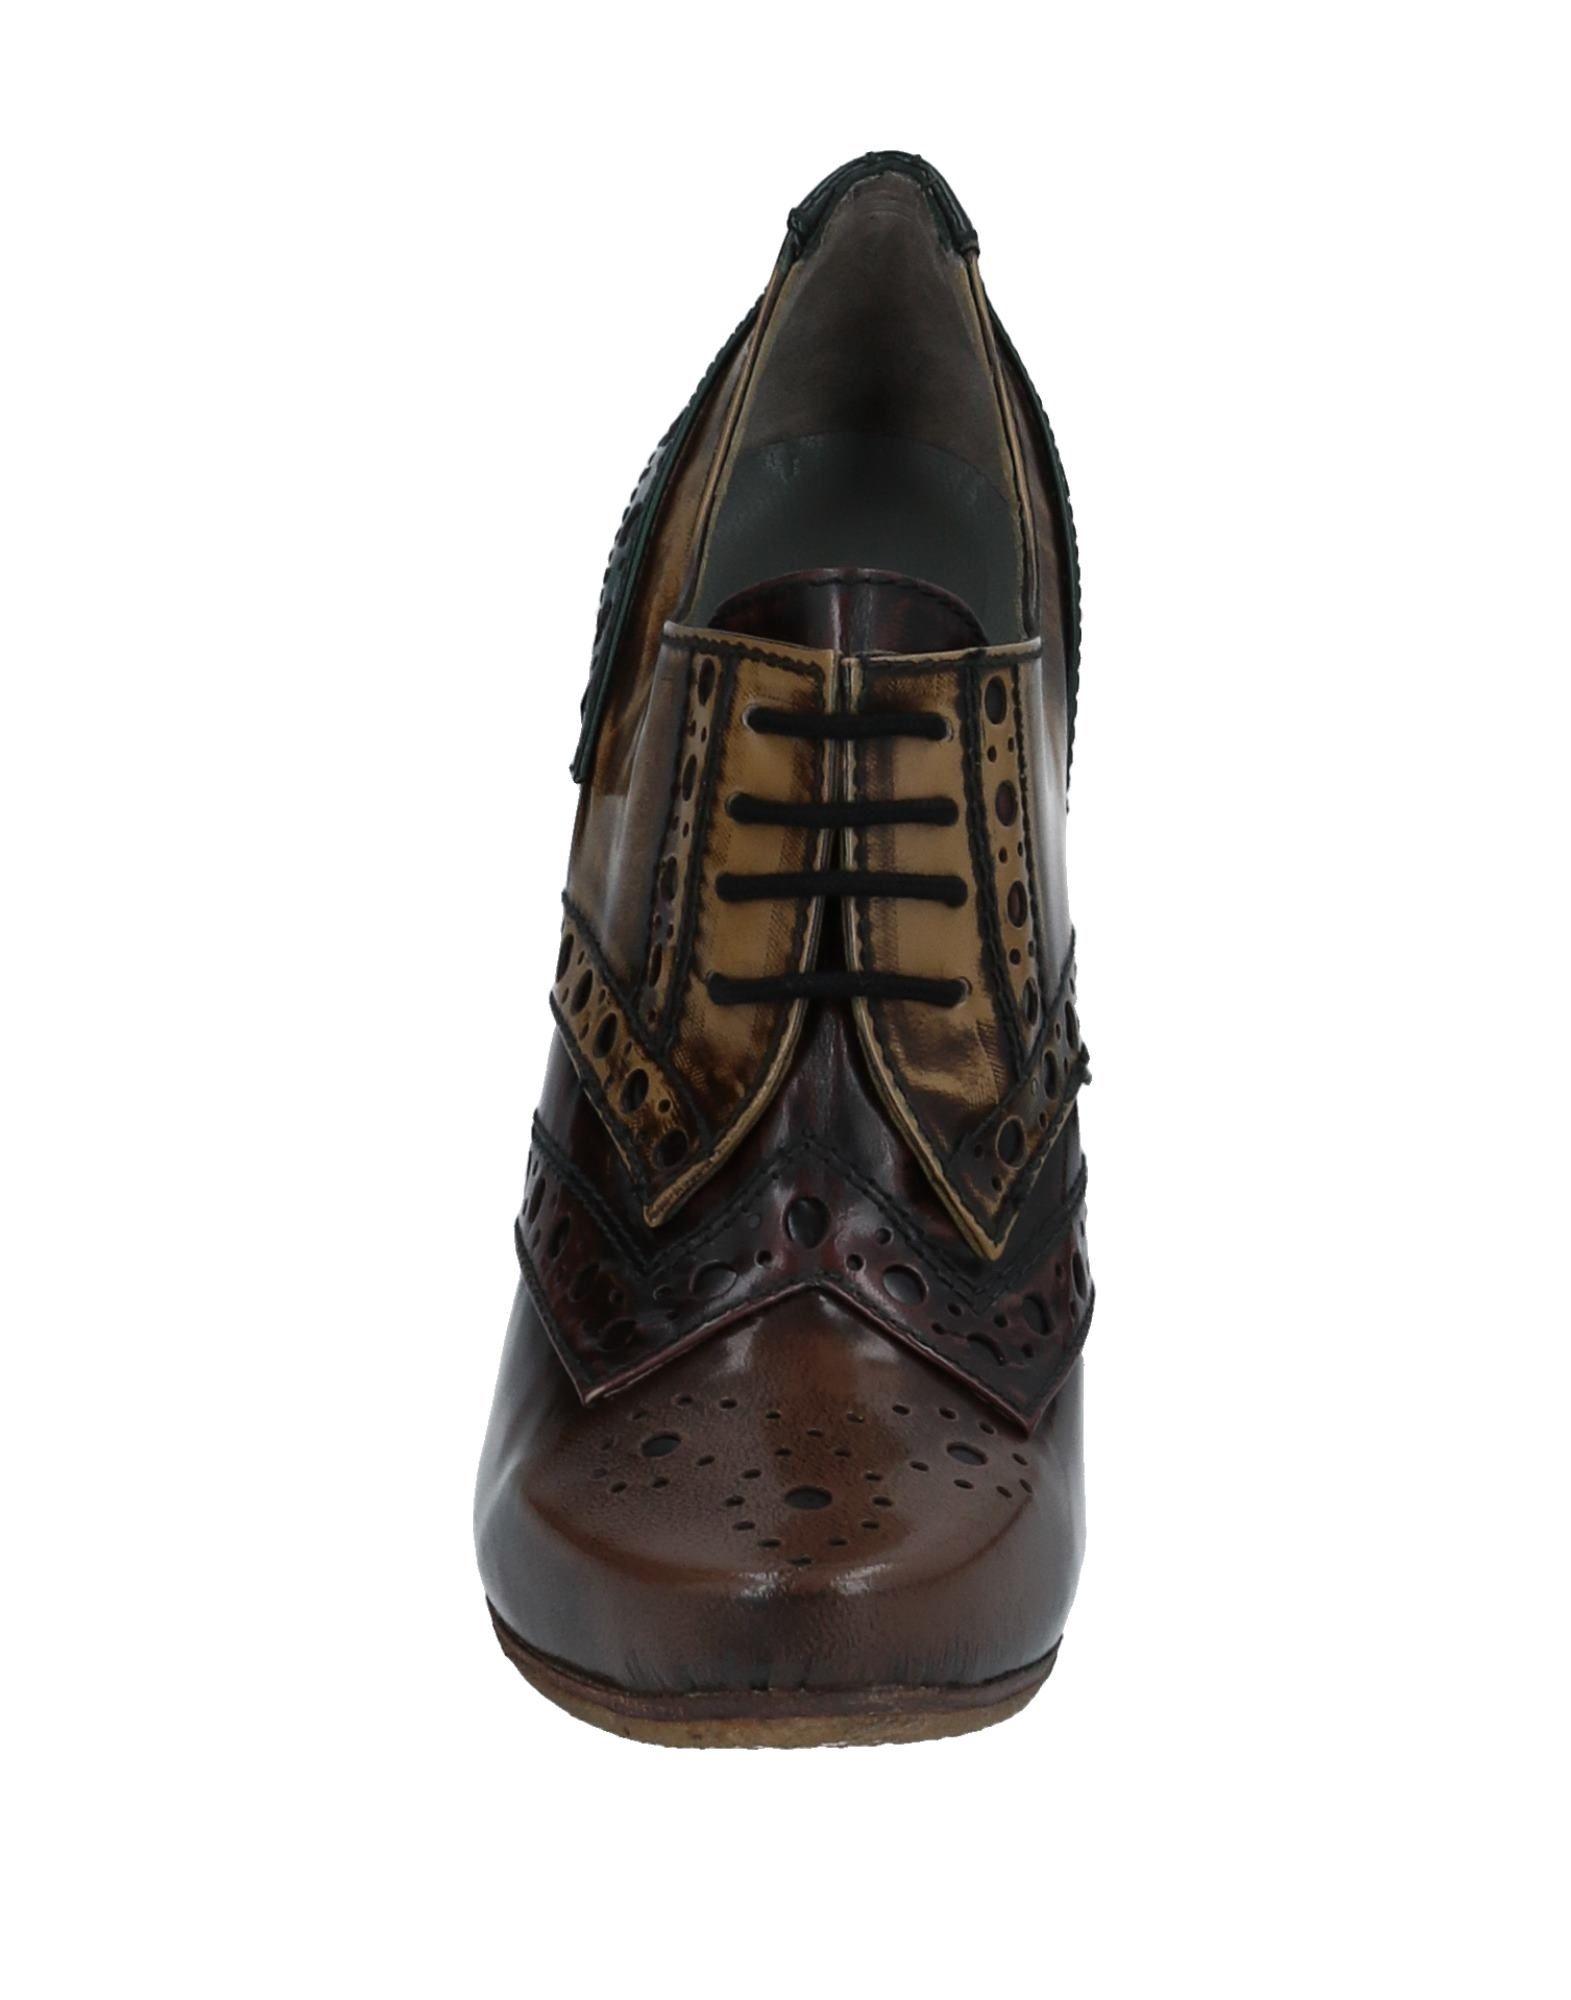 Stilvolle billige Schuhe  Pura López Schnürschuhe Damen  Schuhe 11524911LM 063bbc